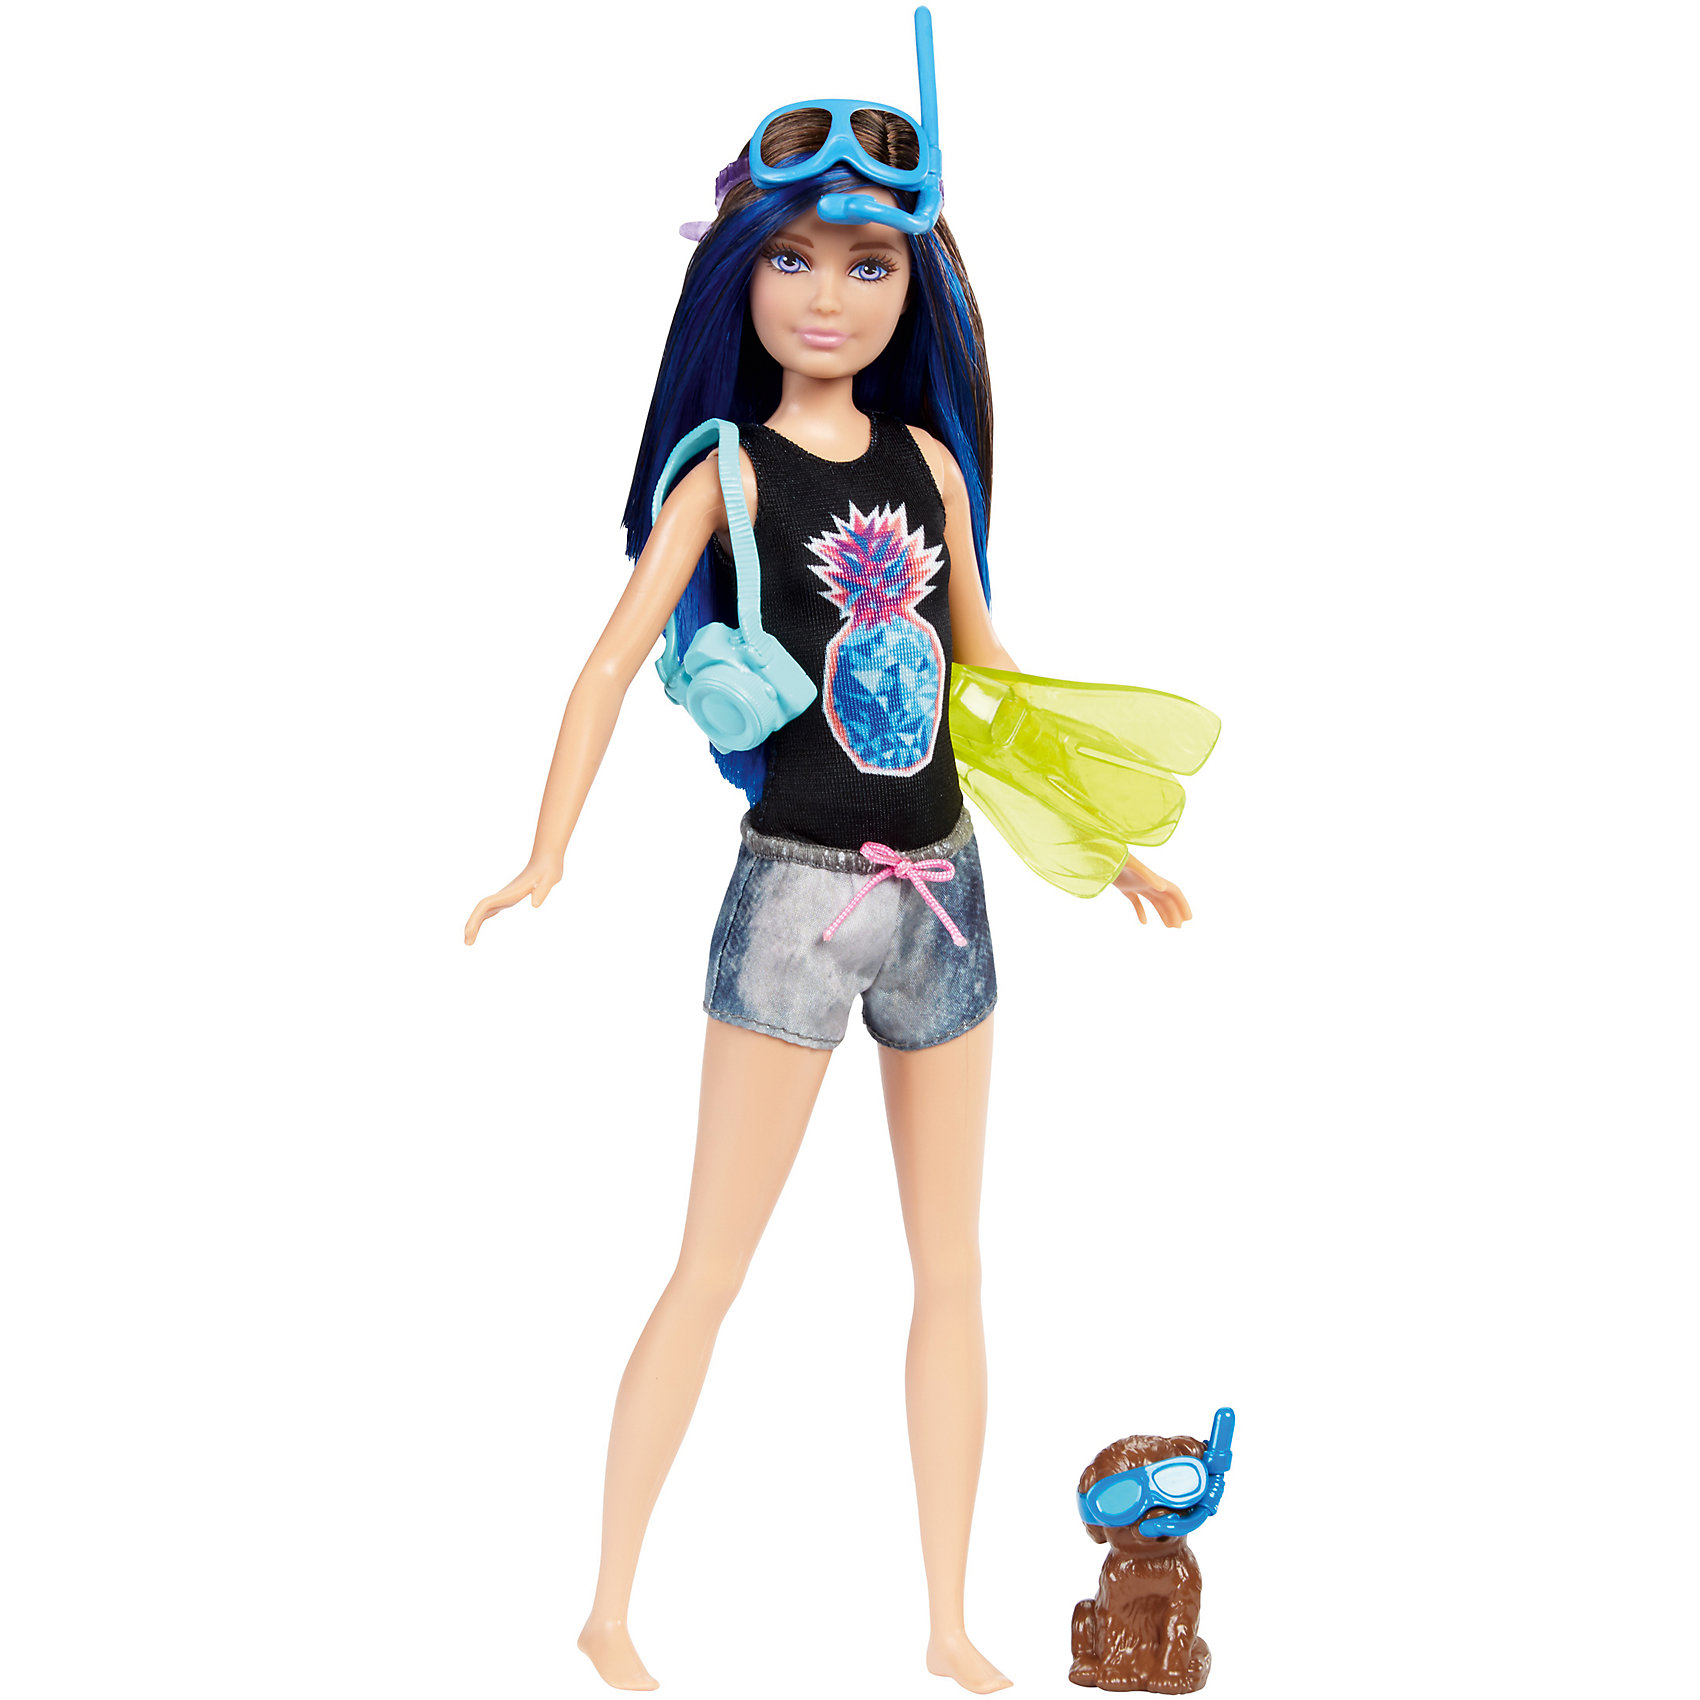 Кукла Barbie Скиппер из серии «Морские приключения»Популярные игрушки<br>Характеристики товара:<br><br>• возраст: от 3 лет<br>• материал: пластик;<br>• высота куклы: 28-30 см;<br>• размер упаковки: 31X25X7 см;<br>• страна бренда: США<br>• страна изготовоитель: Китай<br><br>Кукла Skipper™ со щенком и плавательным снаряжением, которое меняет цвет. А именно, цвет меняет маска и дельфин на доске. Просто нанеси теплую воду и посмотри, как цвет изменится мгновенно!<br><br>Дополнительные аксессуары— камера и ласты— еще больше возможностей для игры. Щенок принимает милые позы и носит аксессуары, гармонирующие с?образом куклы.<br><br>Куклу Barbie Скиппер из серии «Морские приключения» можно купить в нашем интернет-магазине.<br><br>Ширина мм: 324<br>Глубина мм: 154<br>Высота мм: 38<br>Вес г: 187<br>Возраст от месяцев: 36<br>Возраст до месяцев: 72<br>Пол: Женский<br>Возраст: Детский<br>SKU: 6739680